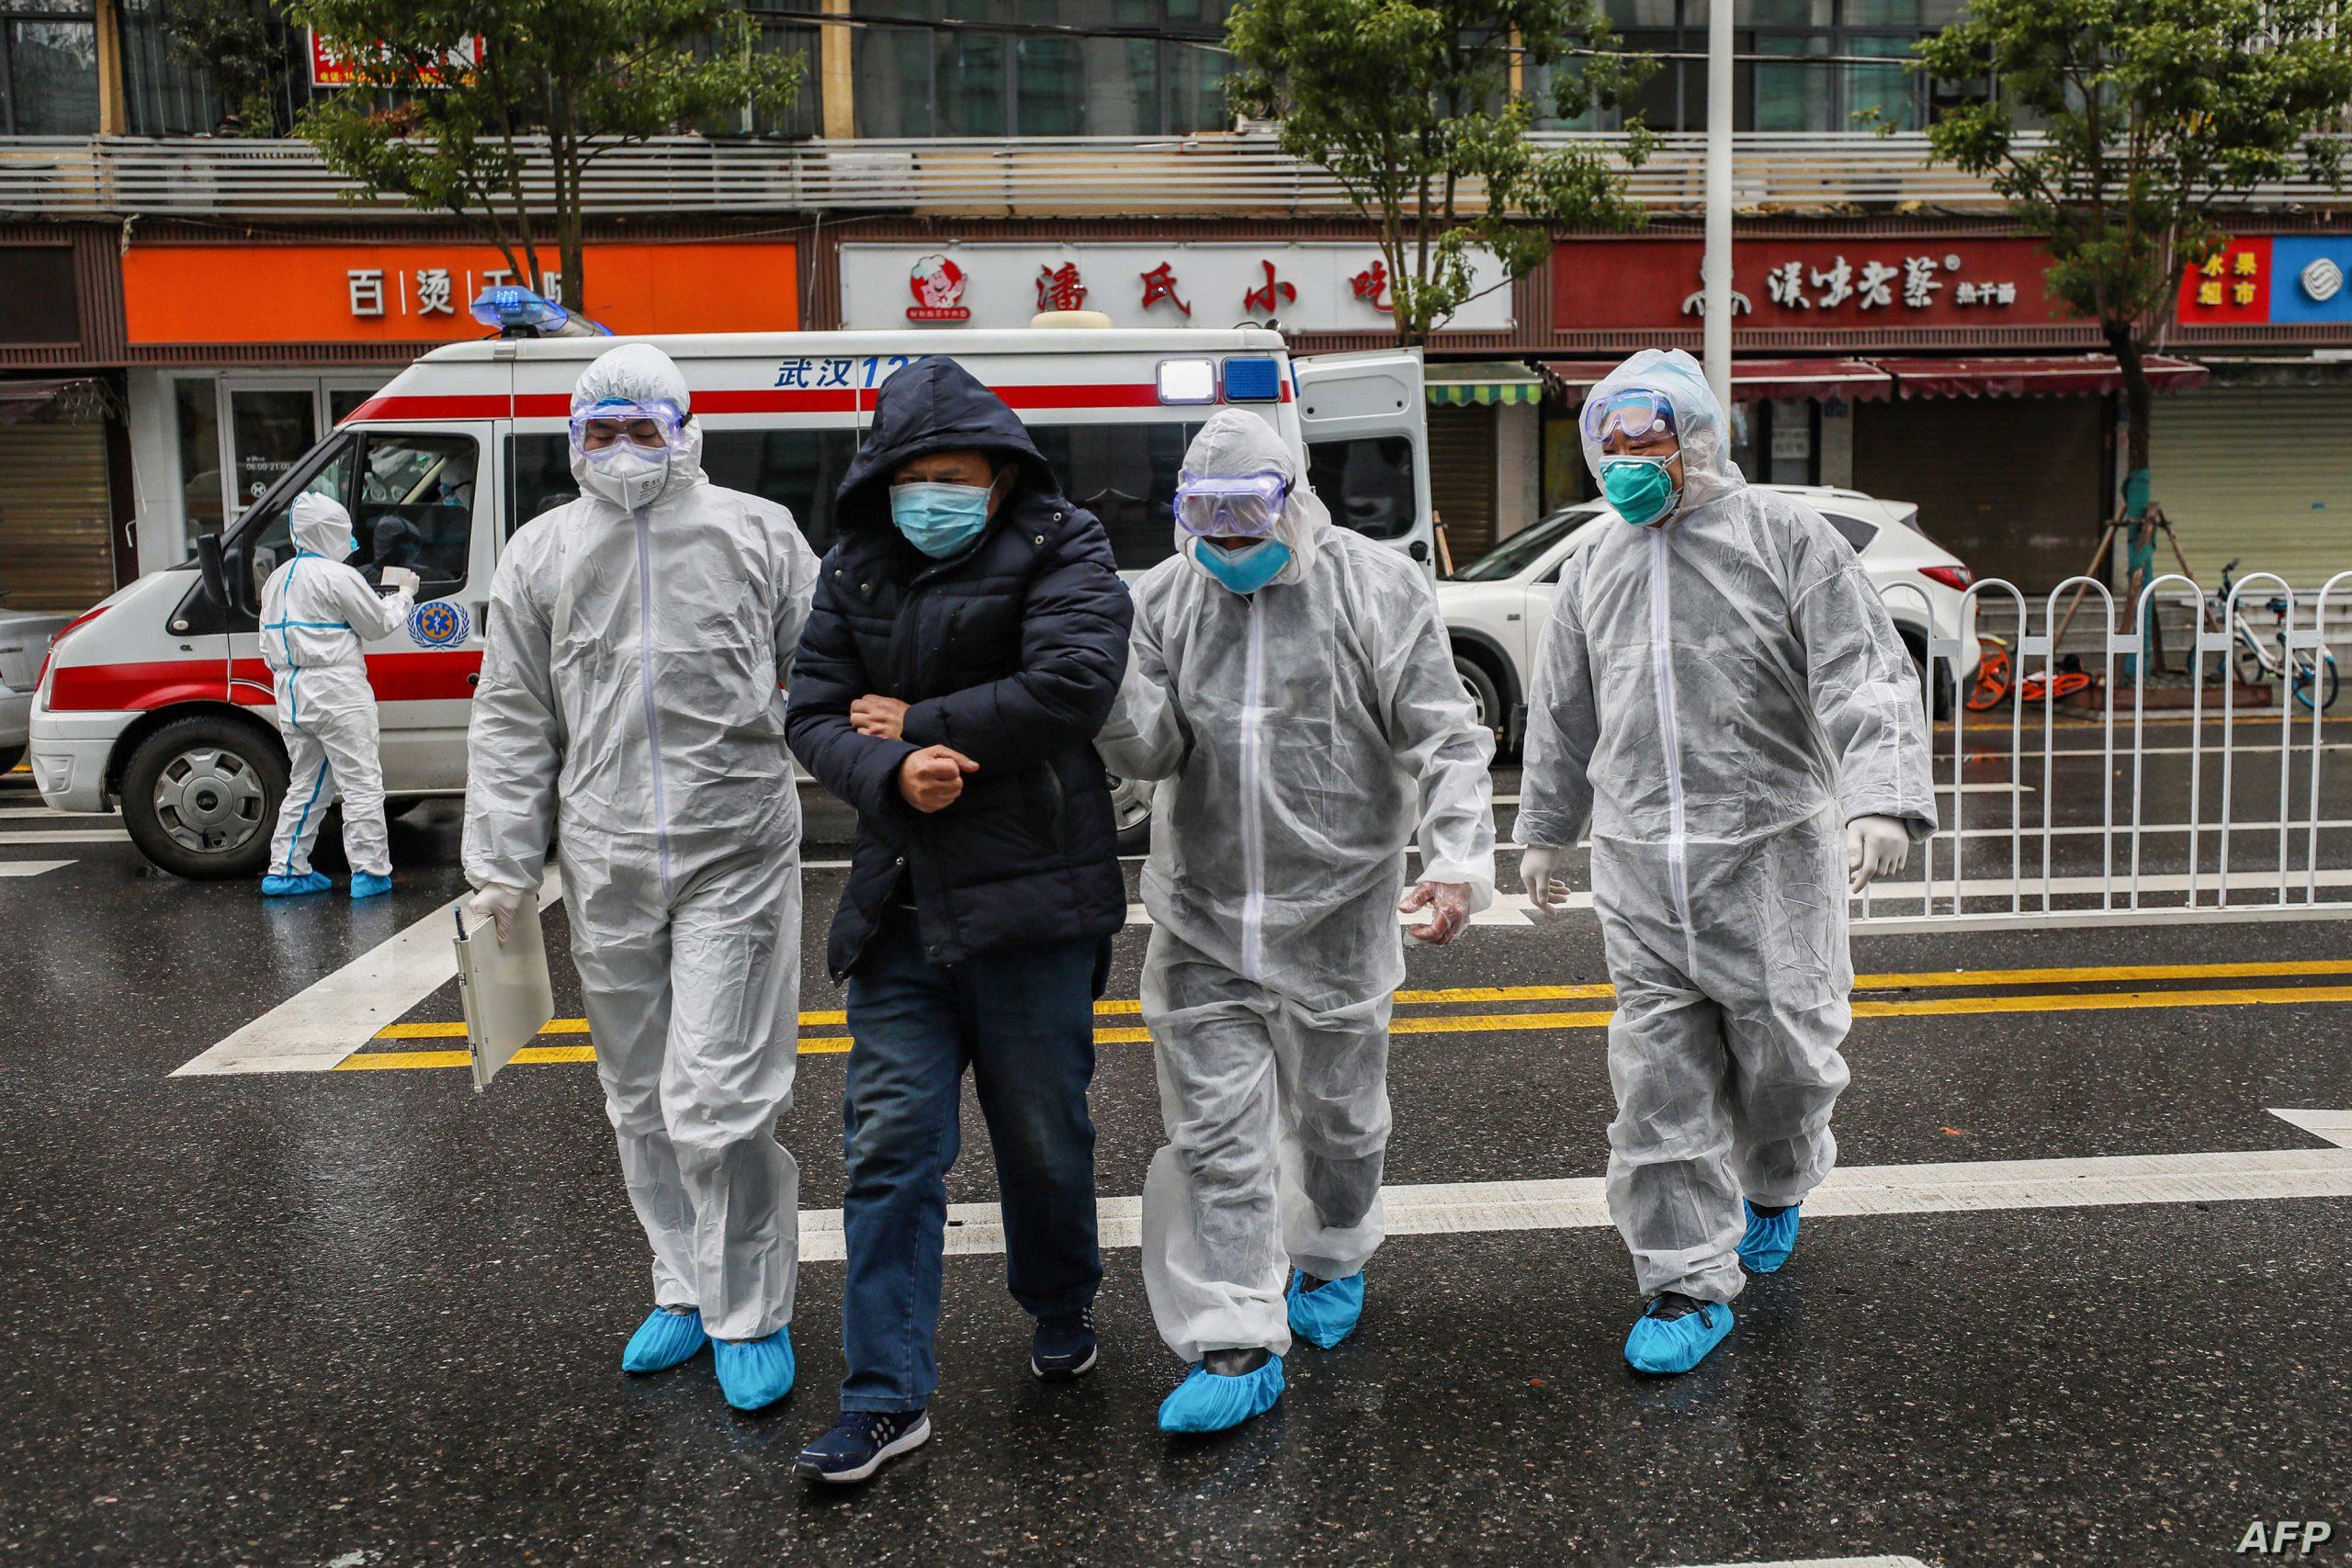 في وقت ترزح فيه دول العالم تحت وطأة كورونا الإصابات في الصين لا تتجاوز العشرات